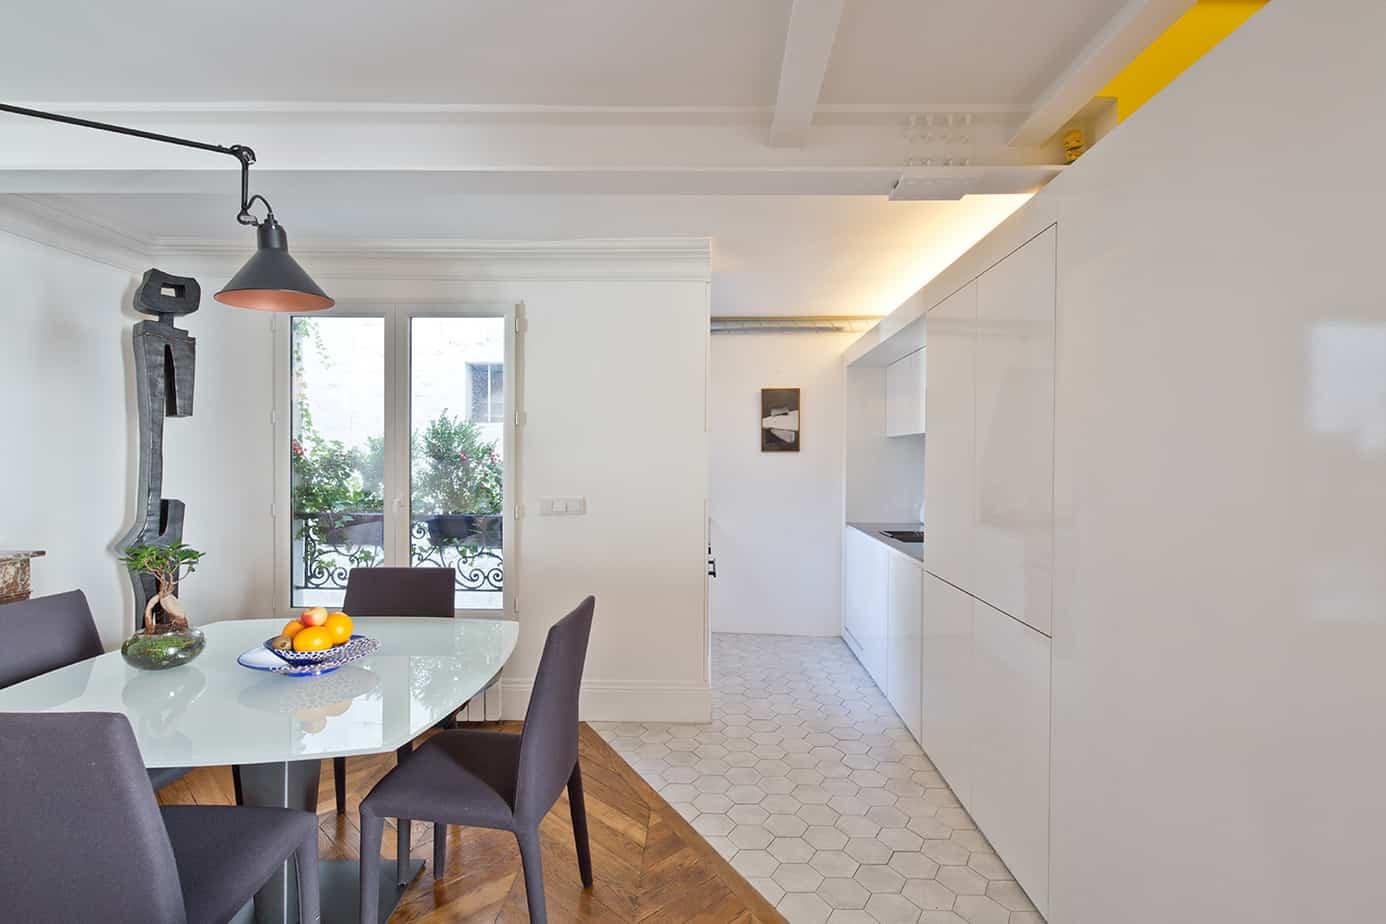 cuisine visite dun appartement parisien © Jonathan Letoublon Architecte Antonin Ziegler via Archibien 9 - Visite d'un appartement Archibien à Paris